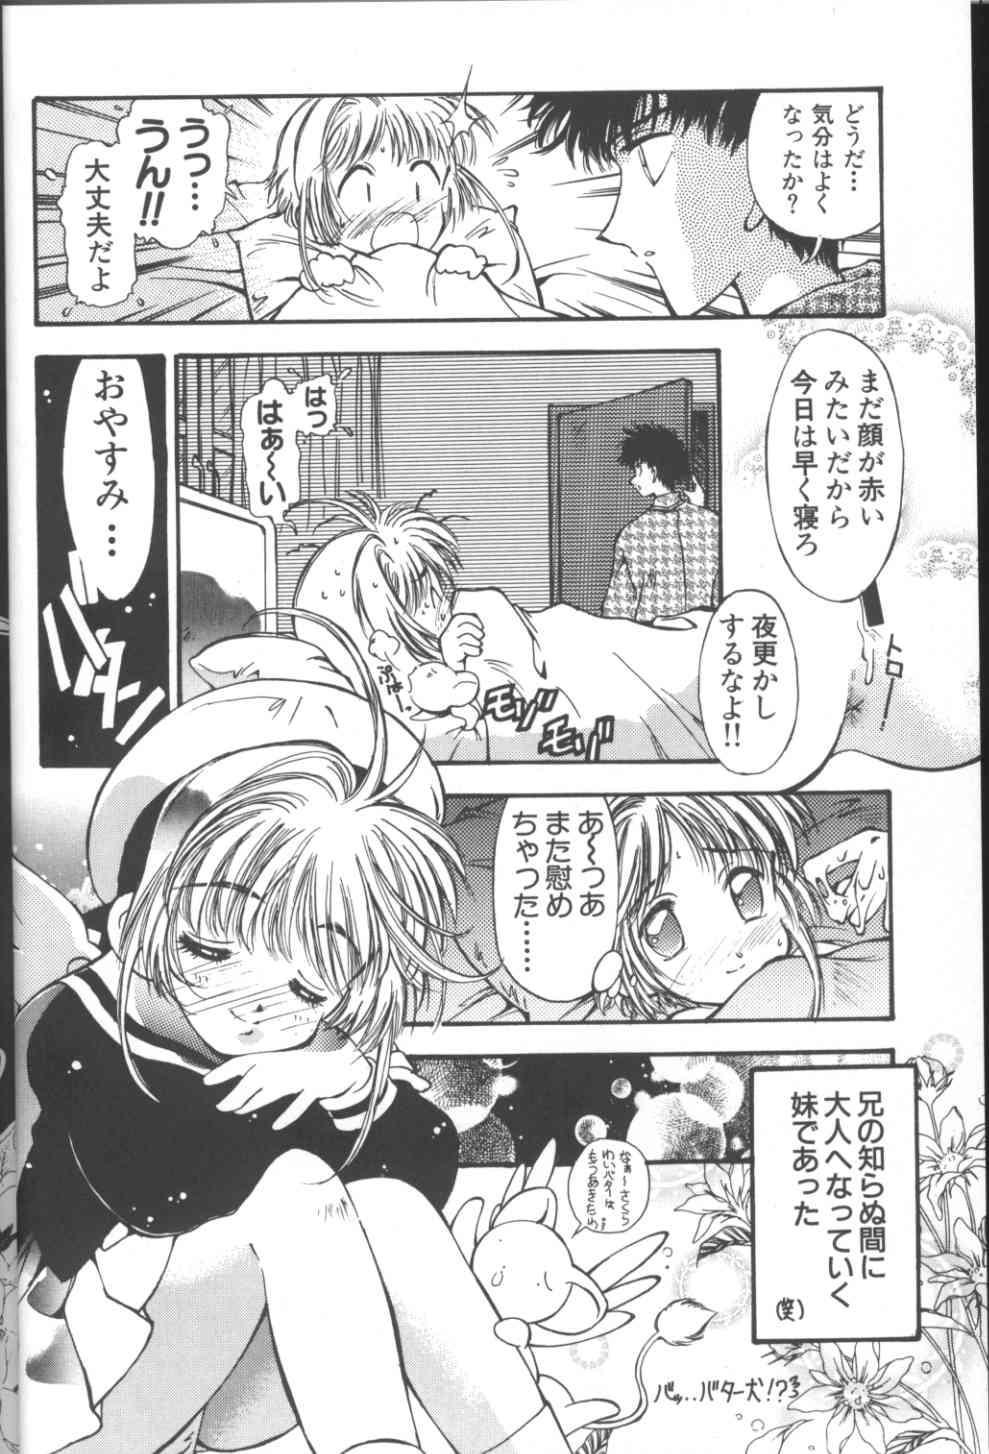 Sakura Zensen Juudan Naka! 1+2 Soushuu 19